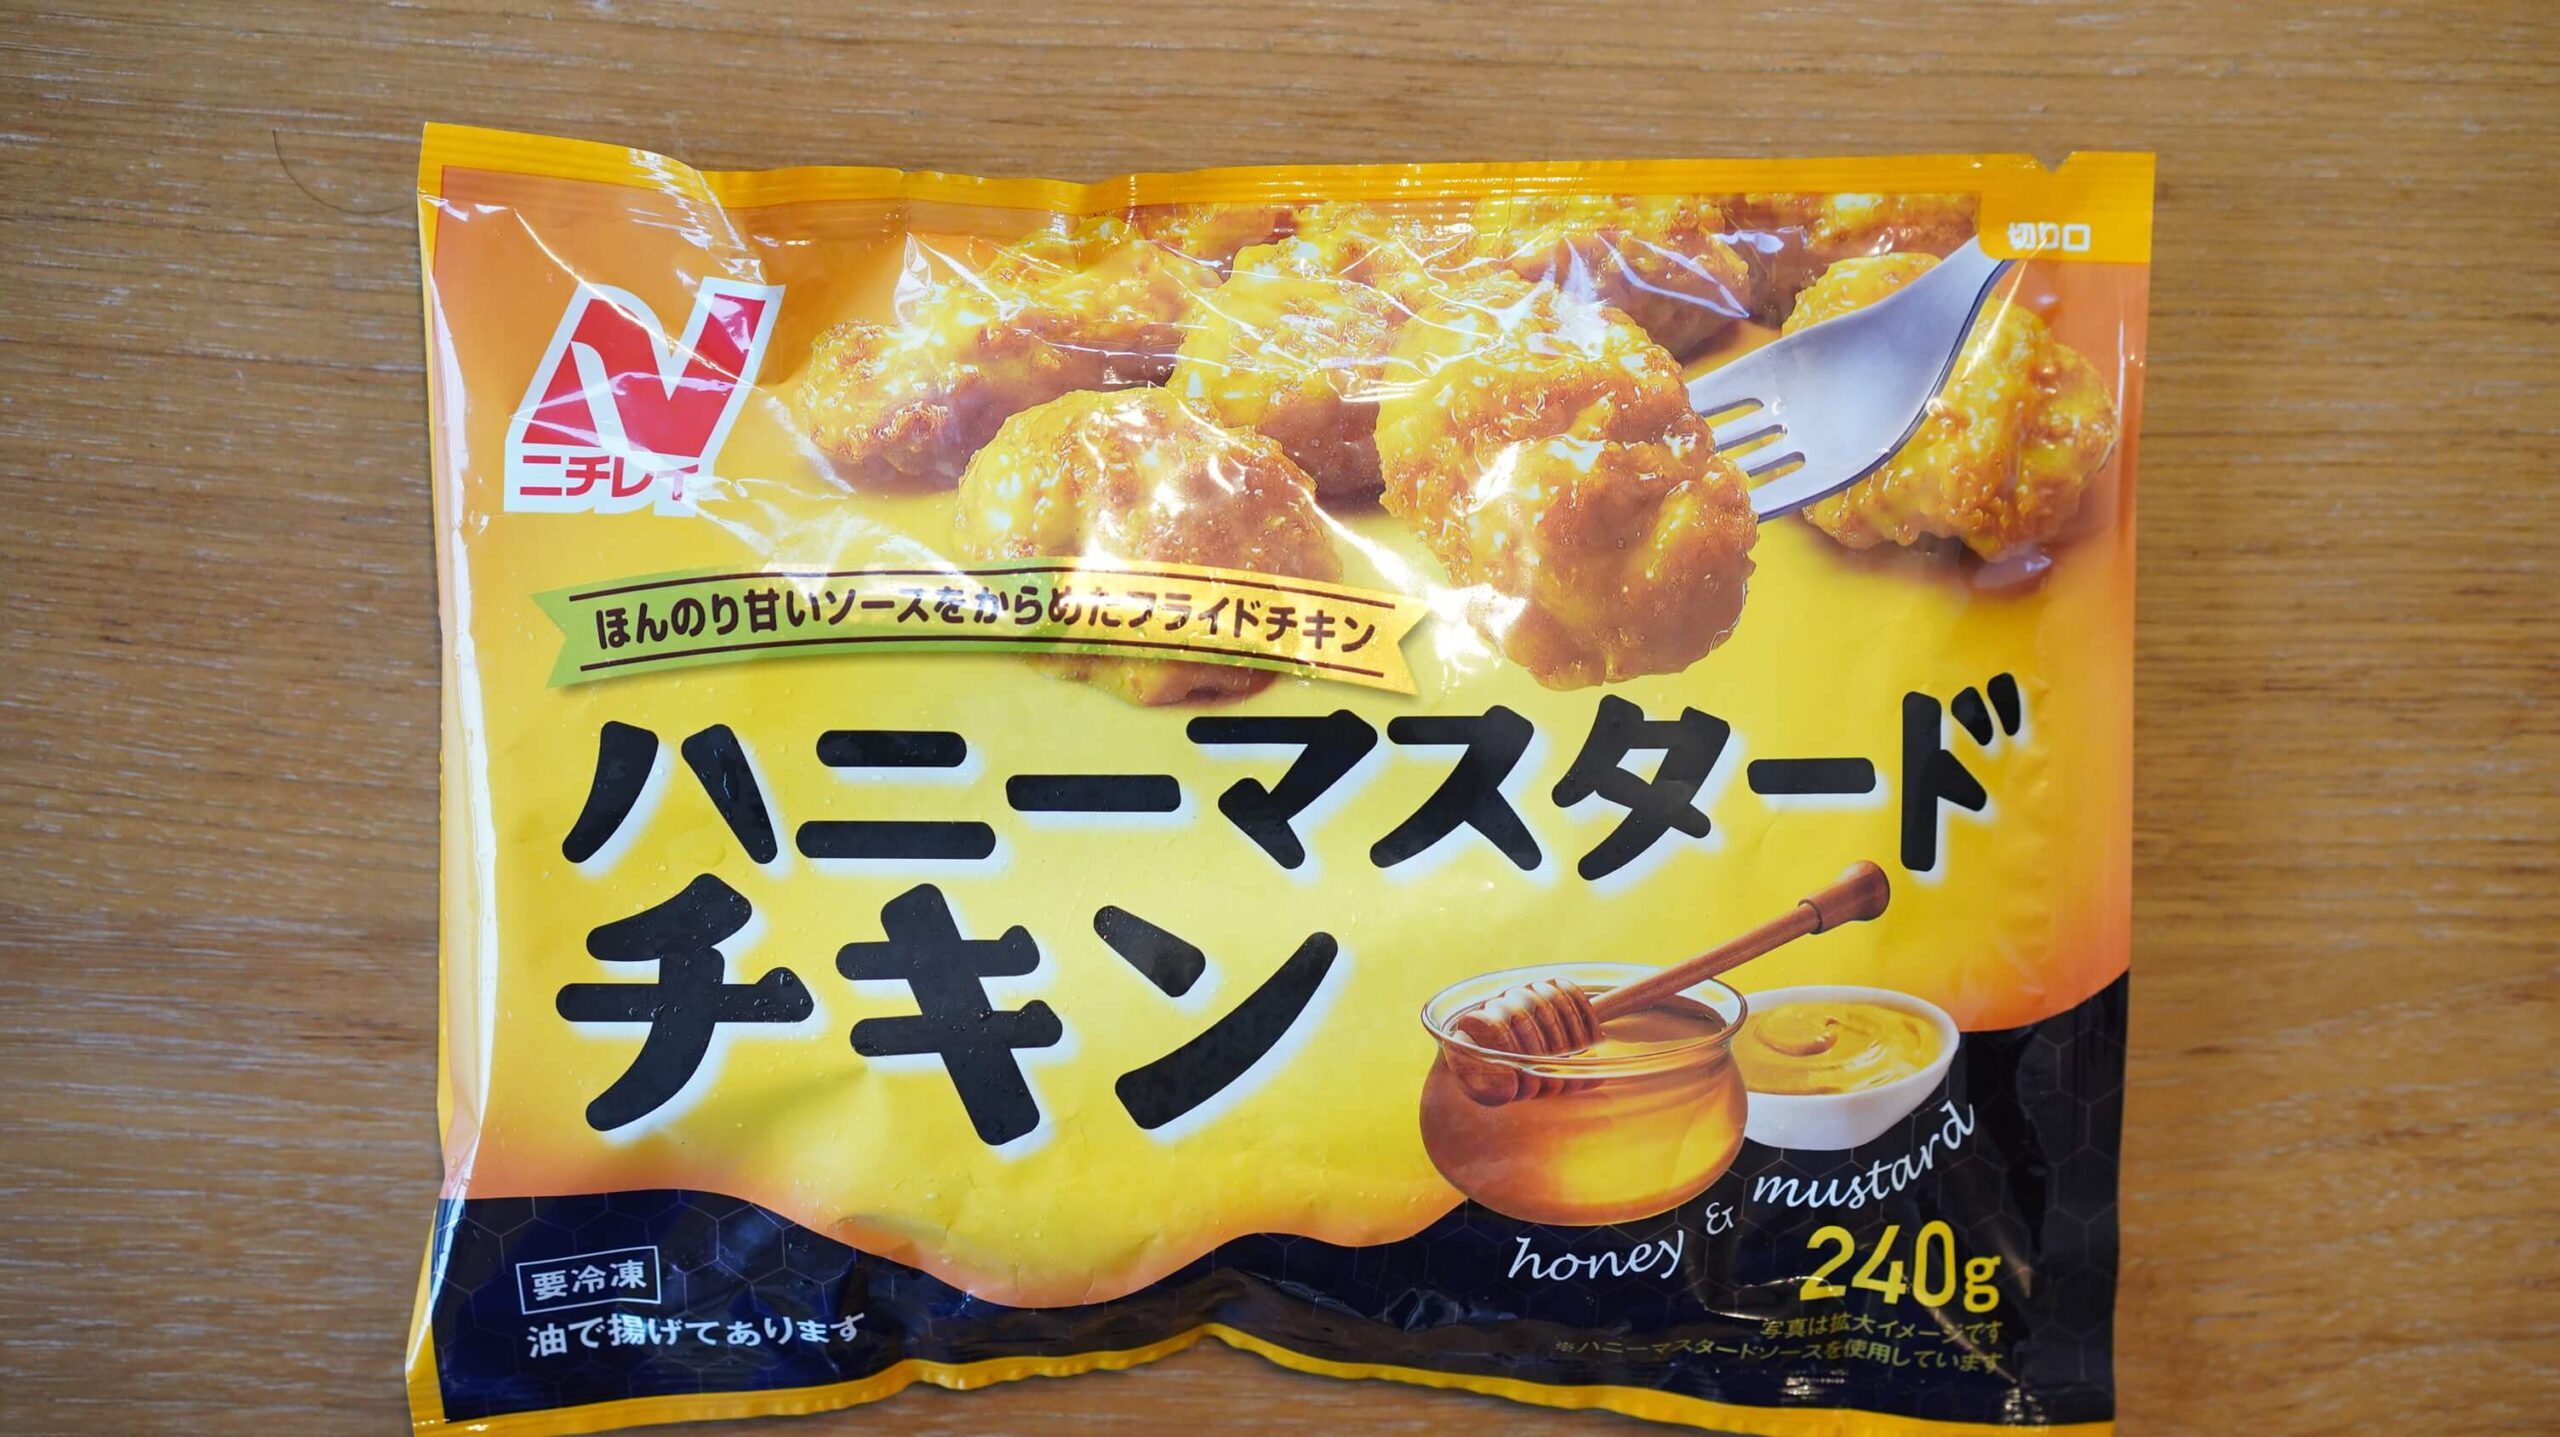 ニチレイの冷凍食品「ハニーマスタードチキン」のパッケージ写真